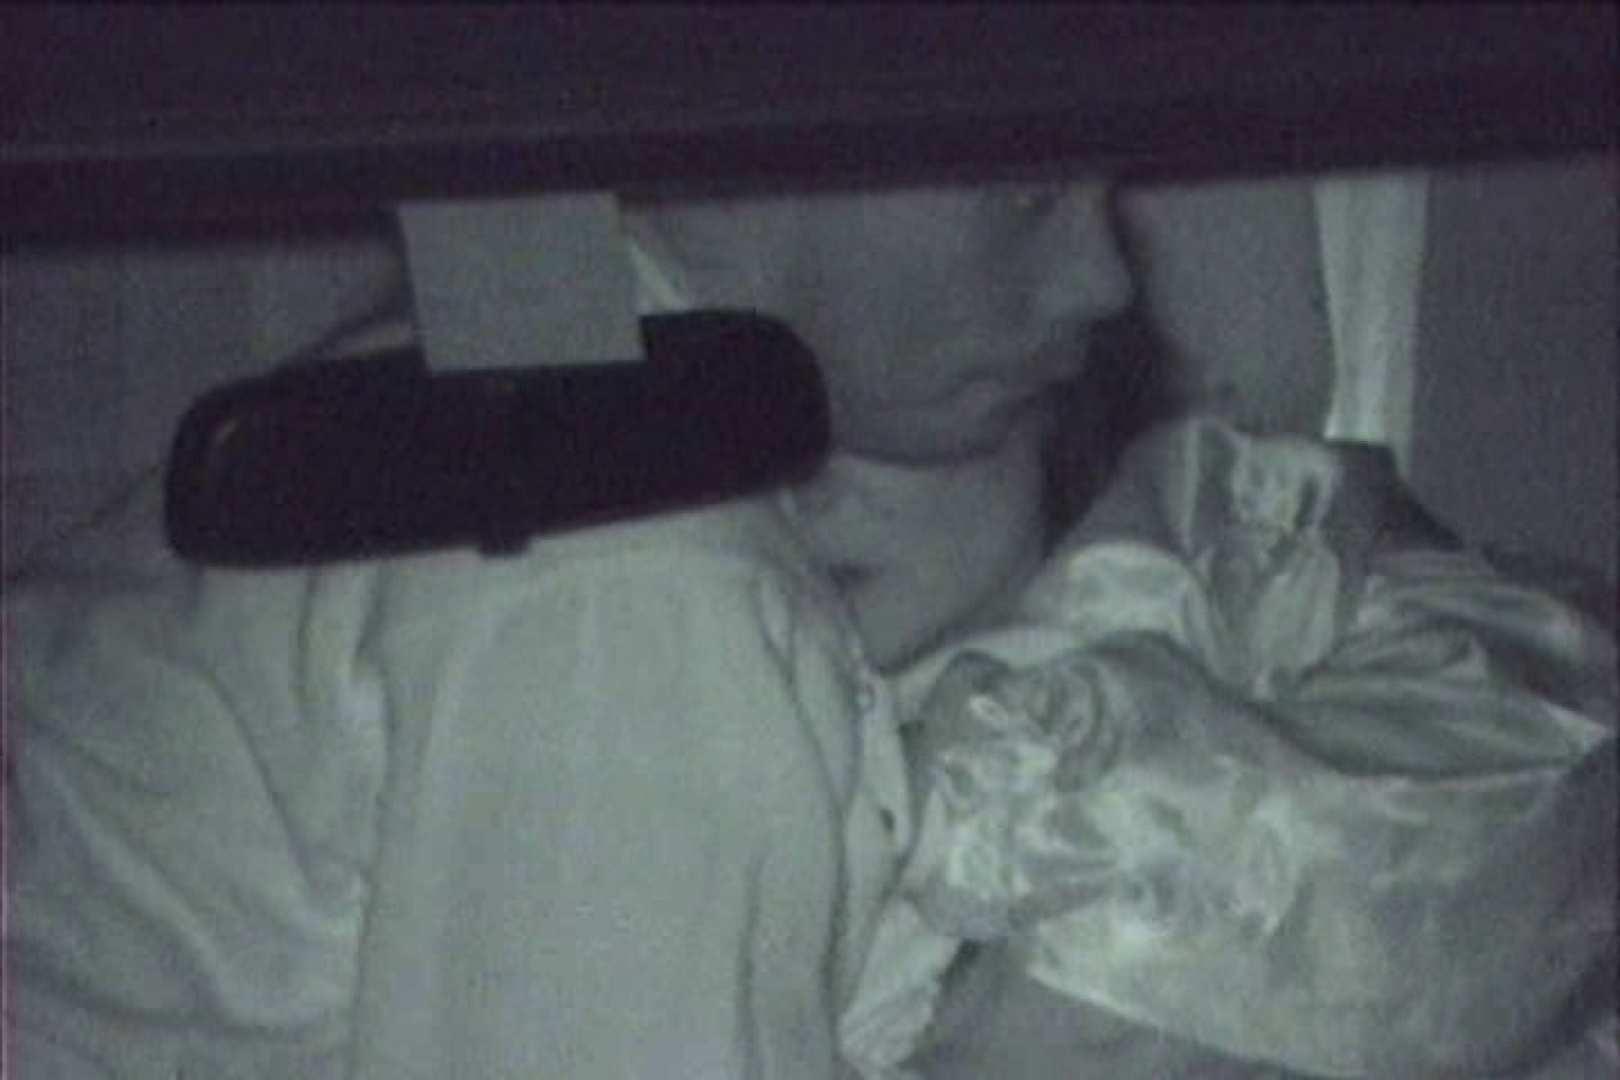 車の中はラブホテル 無修正版  Vol.21 ラブホテル AV動画キャプチャ 83pic 41